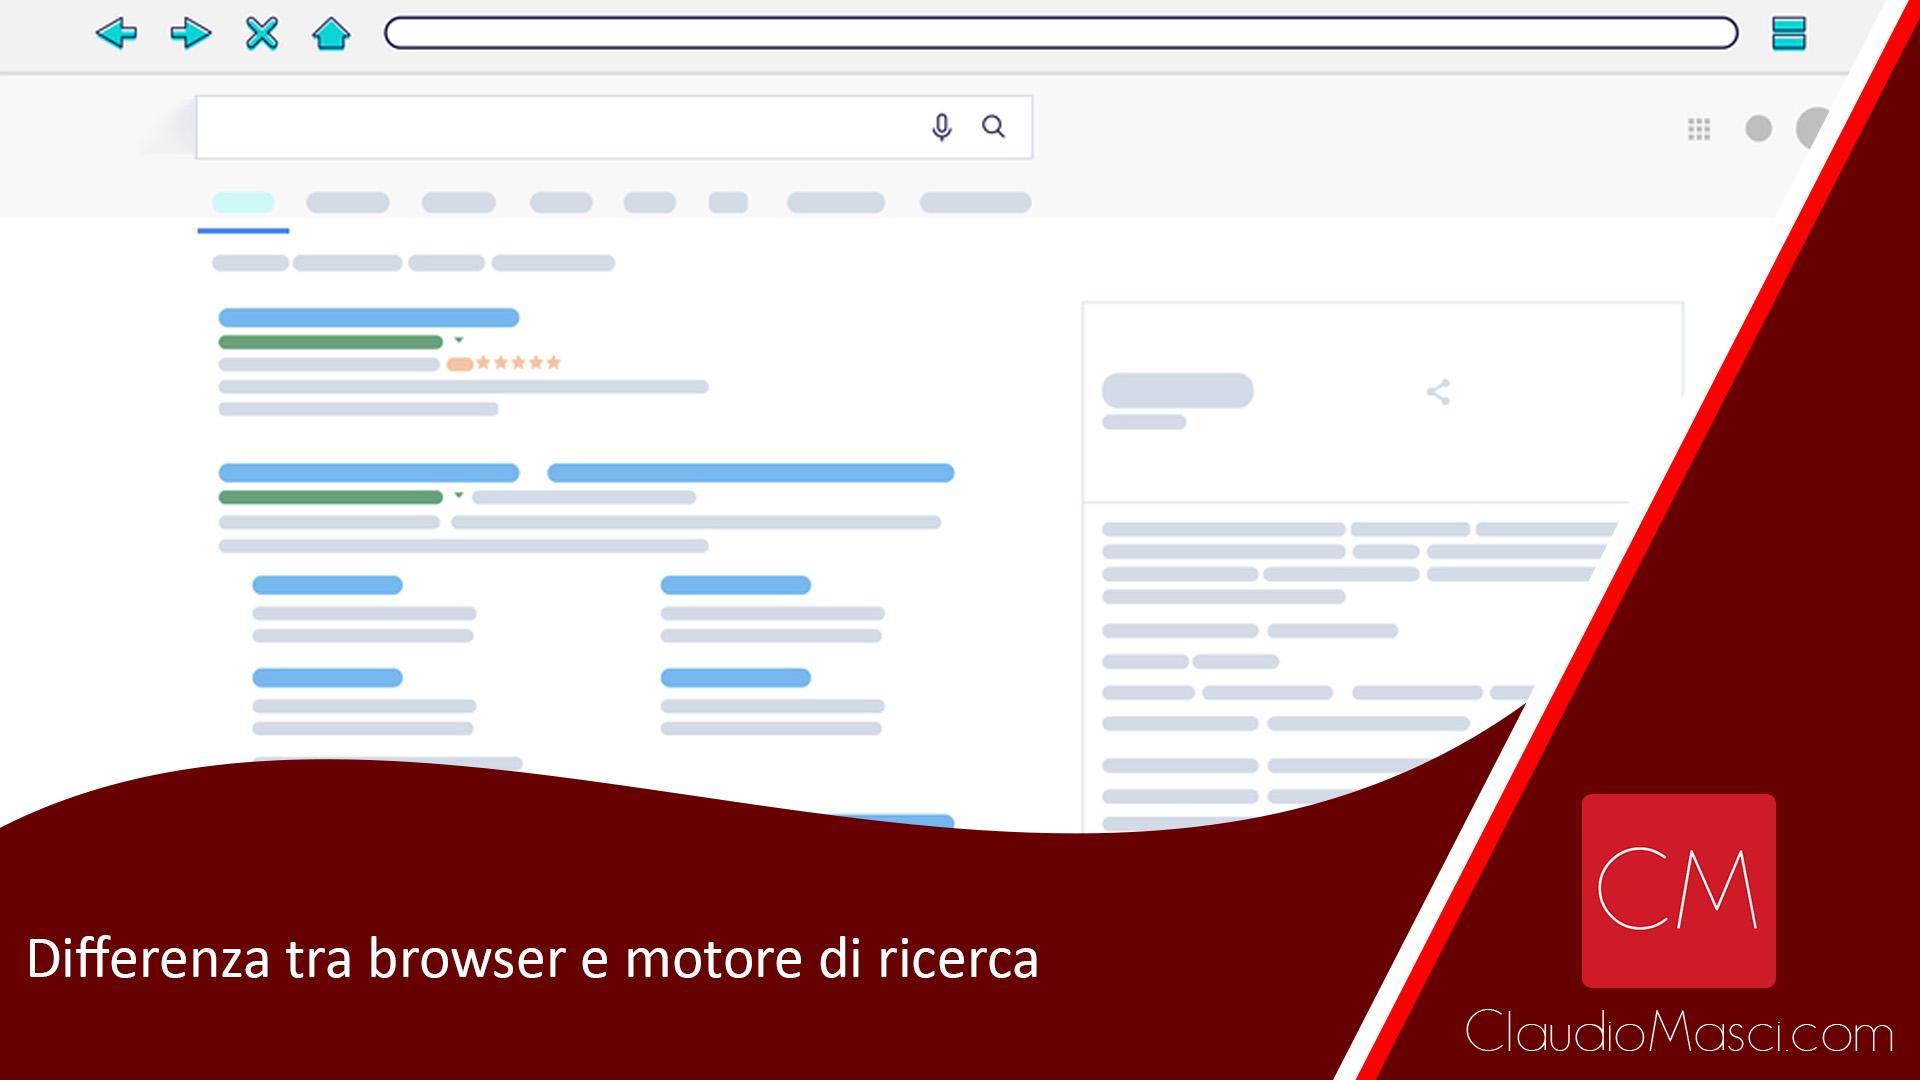 Differenza tra browser e motore di ricerca